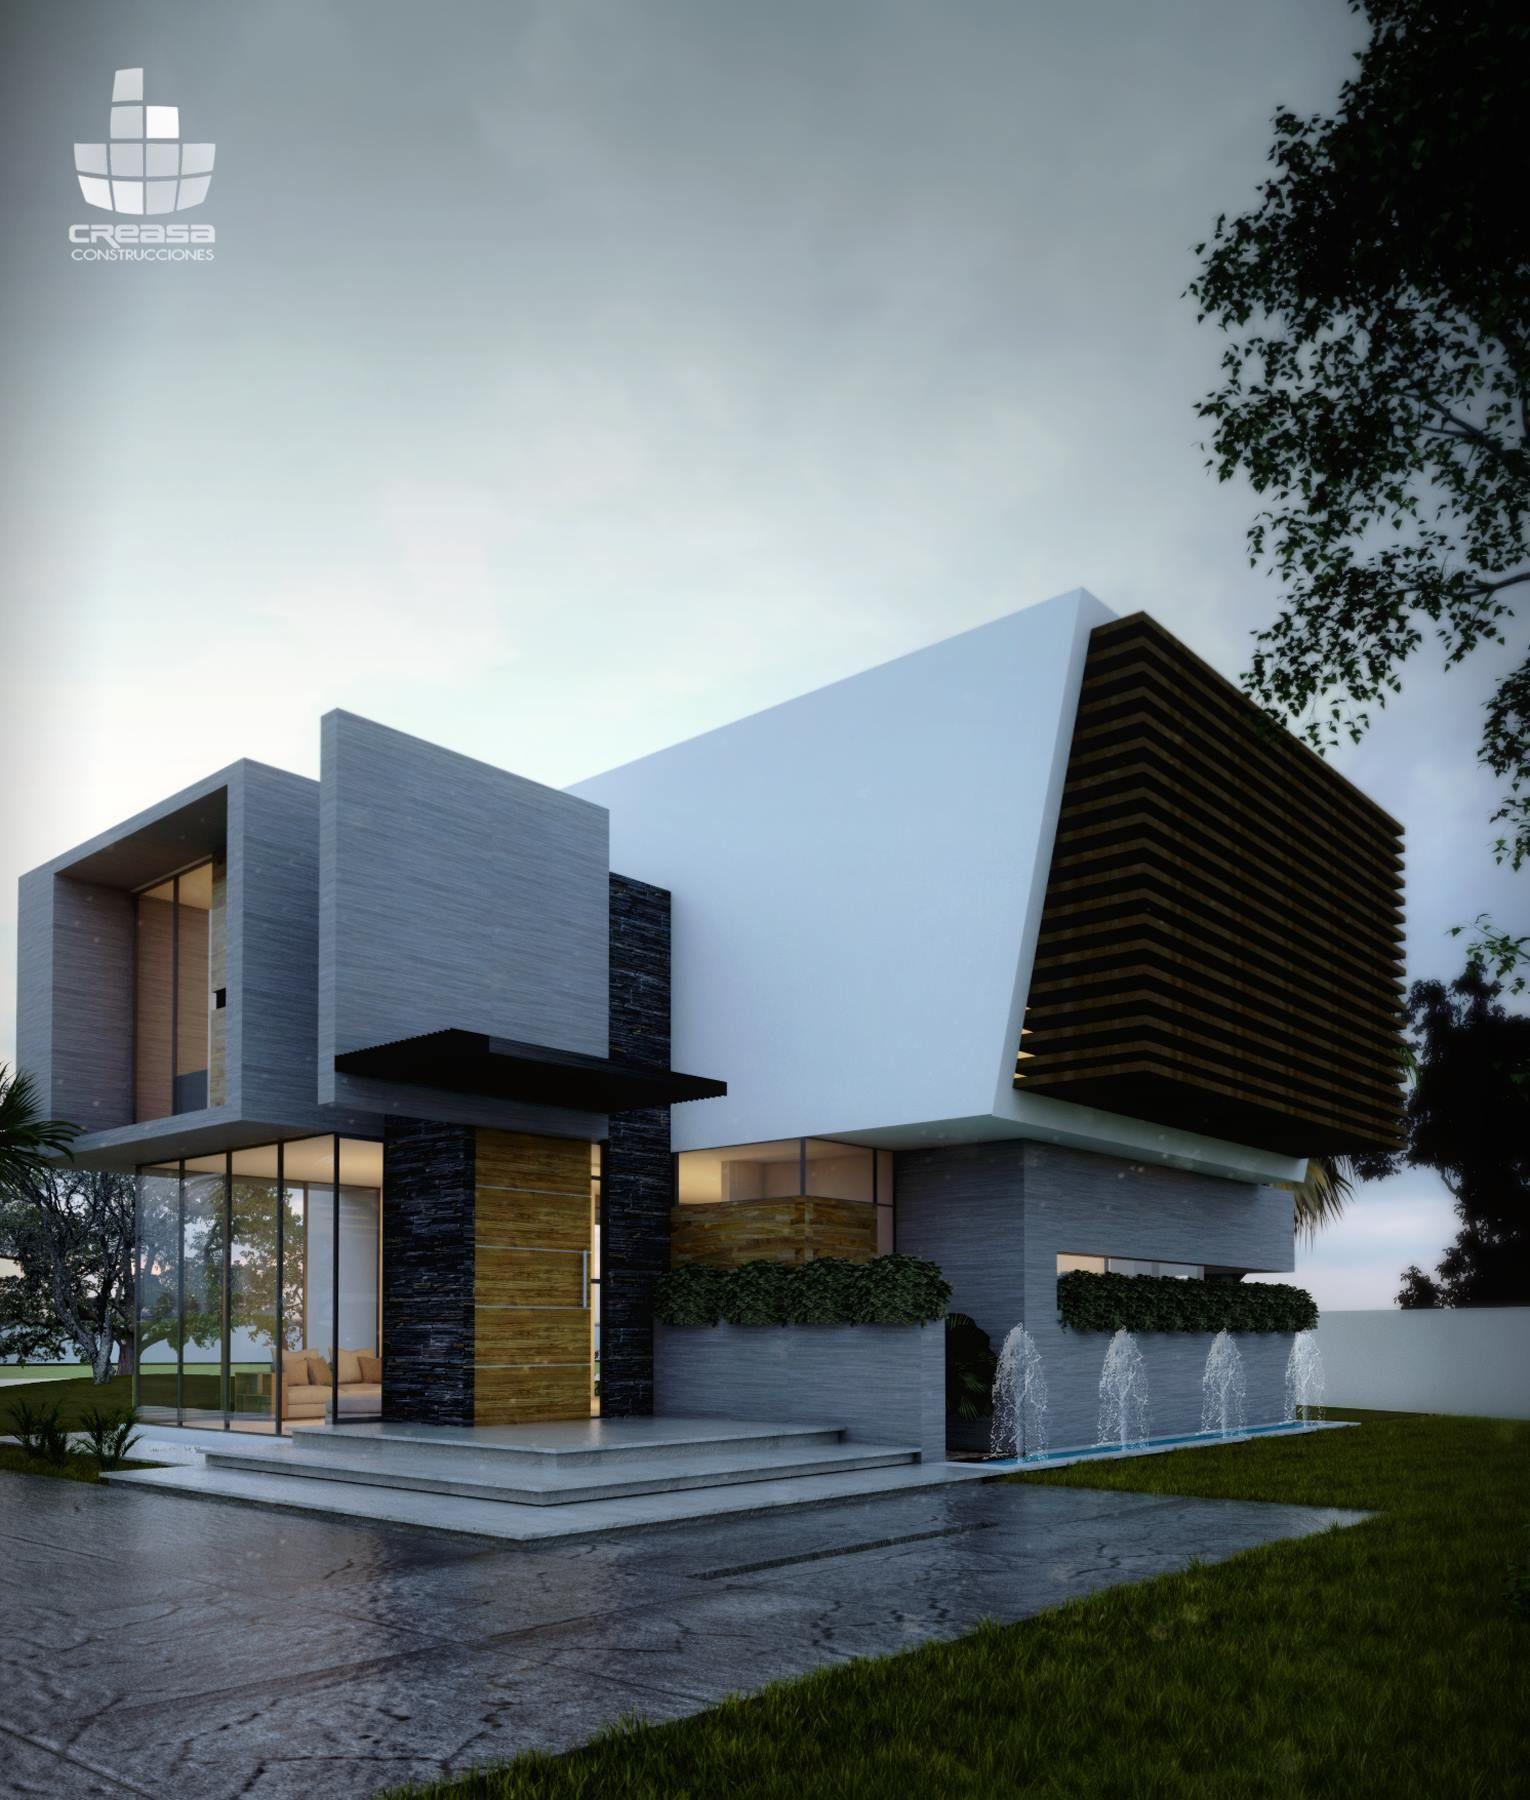 Creasa creasa mx pinterest arquitectura fachadas y - Edificios minimalistas ...